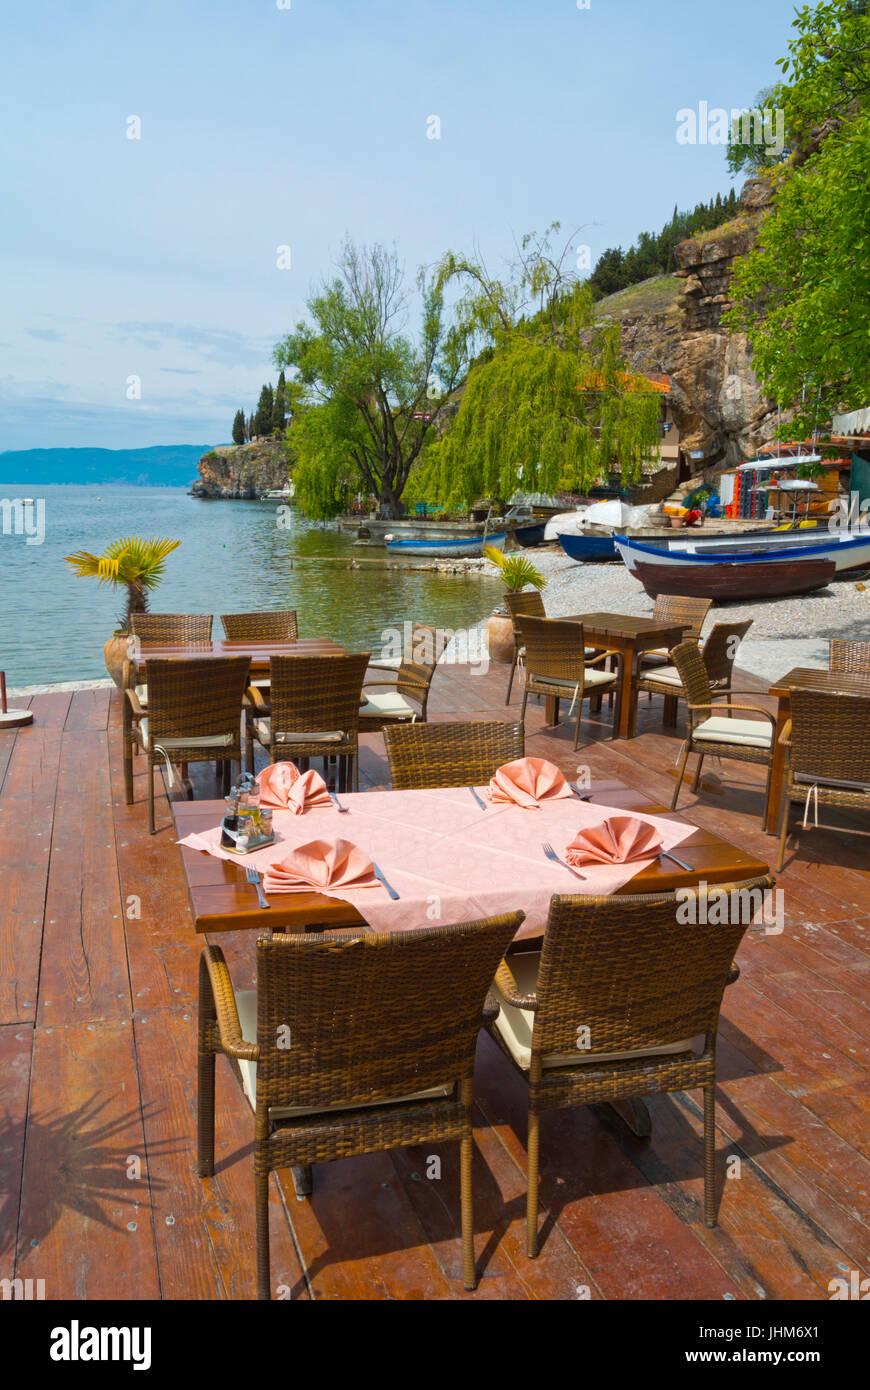 Ristorante Potpes, terrazza sul lago dalla spiaggia, Ohrid Macedonia ...